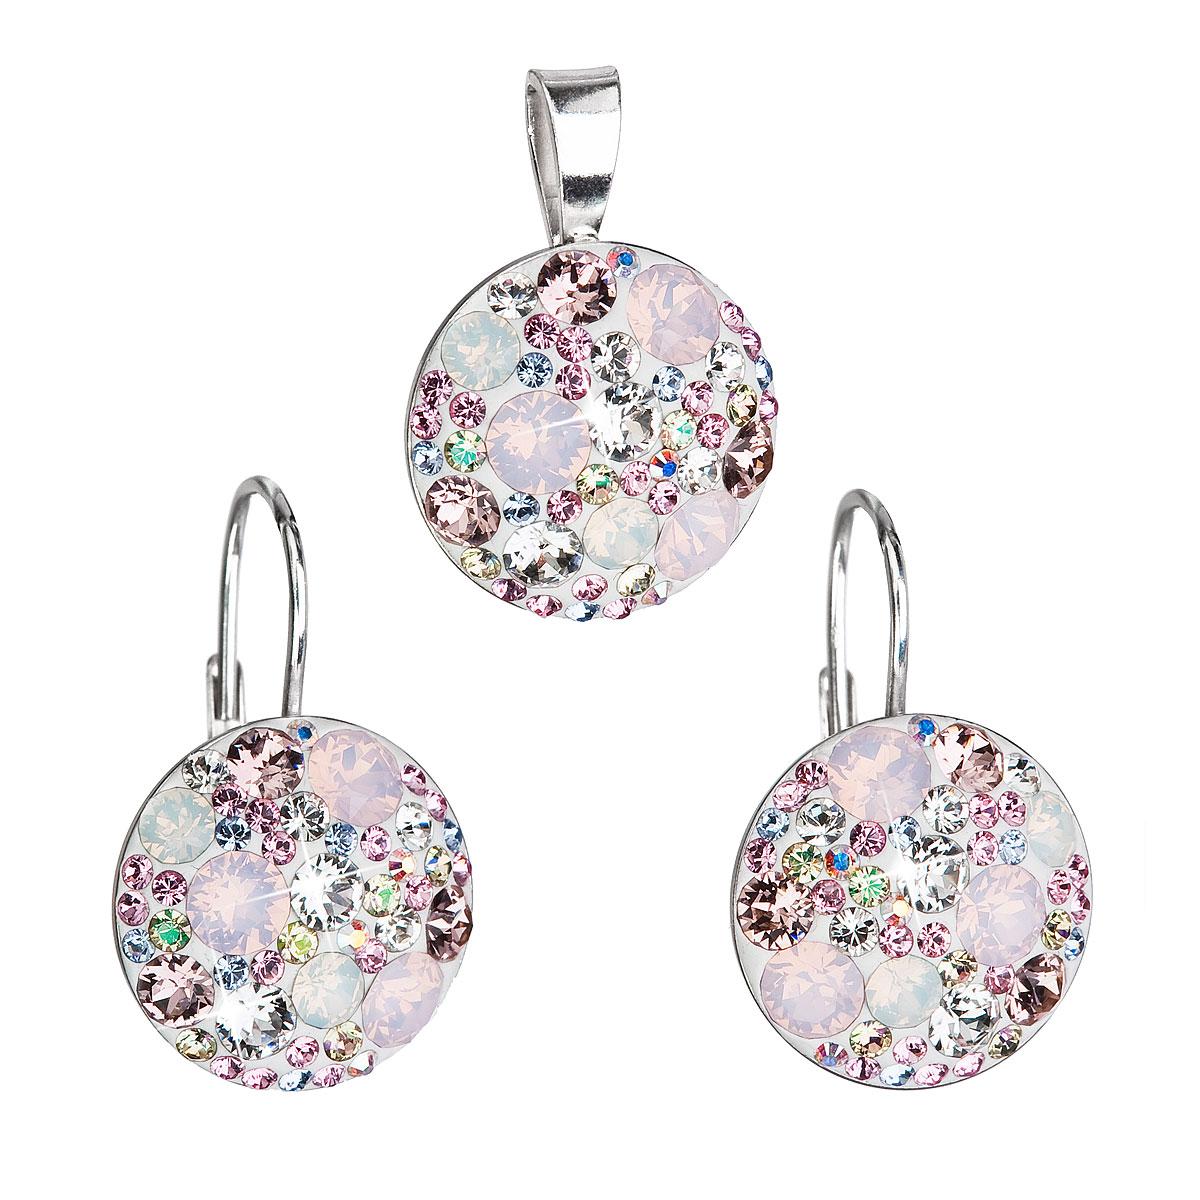 Sada šperkov s krištáľmi Swarovski náušnice a prívesok ružové okrúhle 39117.3